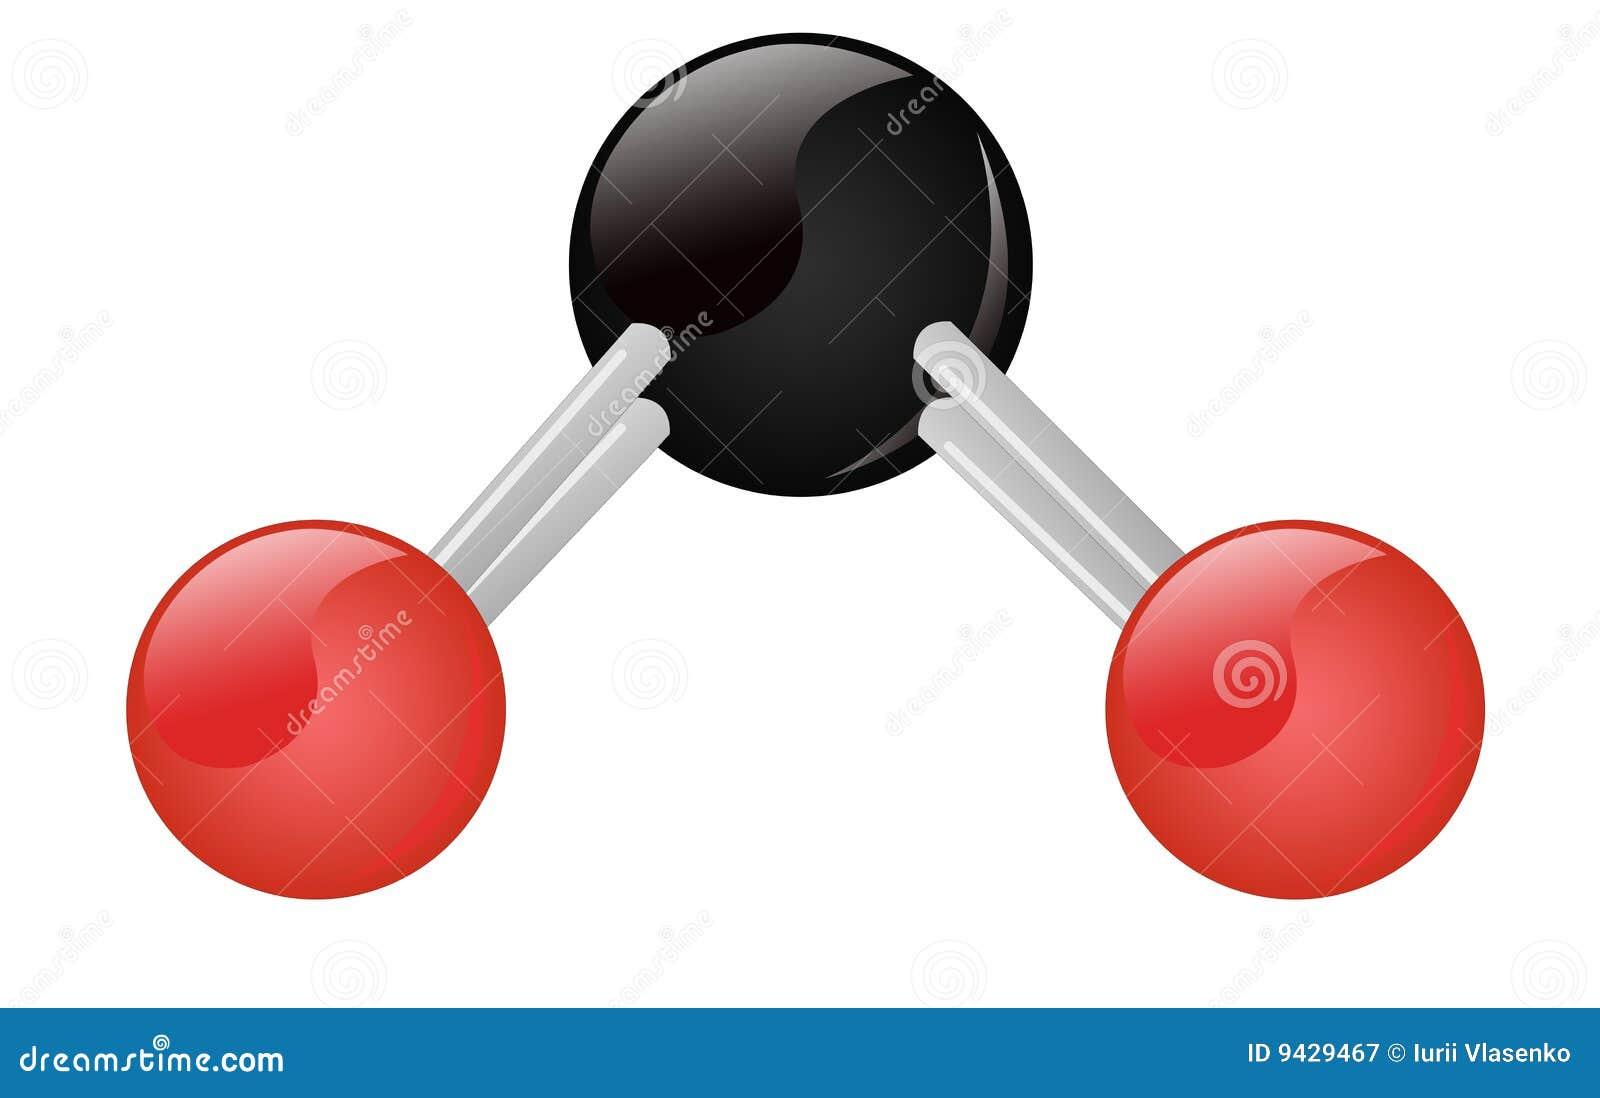 co2 carbon dioxide molecule stock illustration illustration of